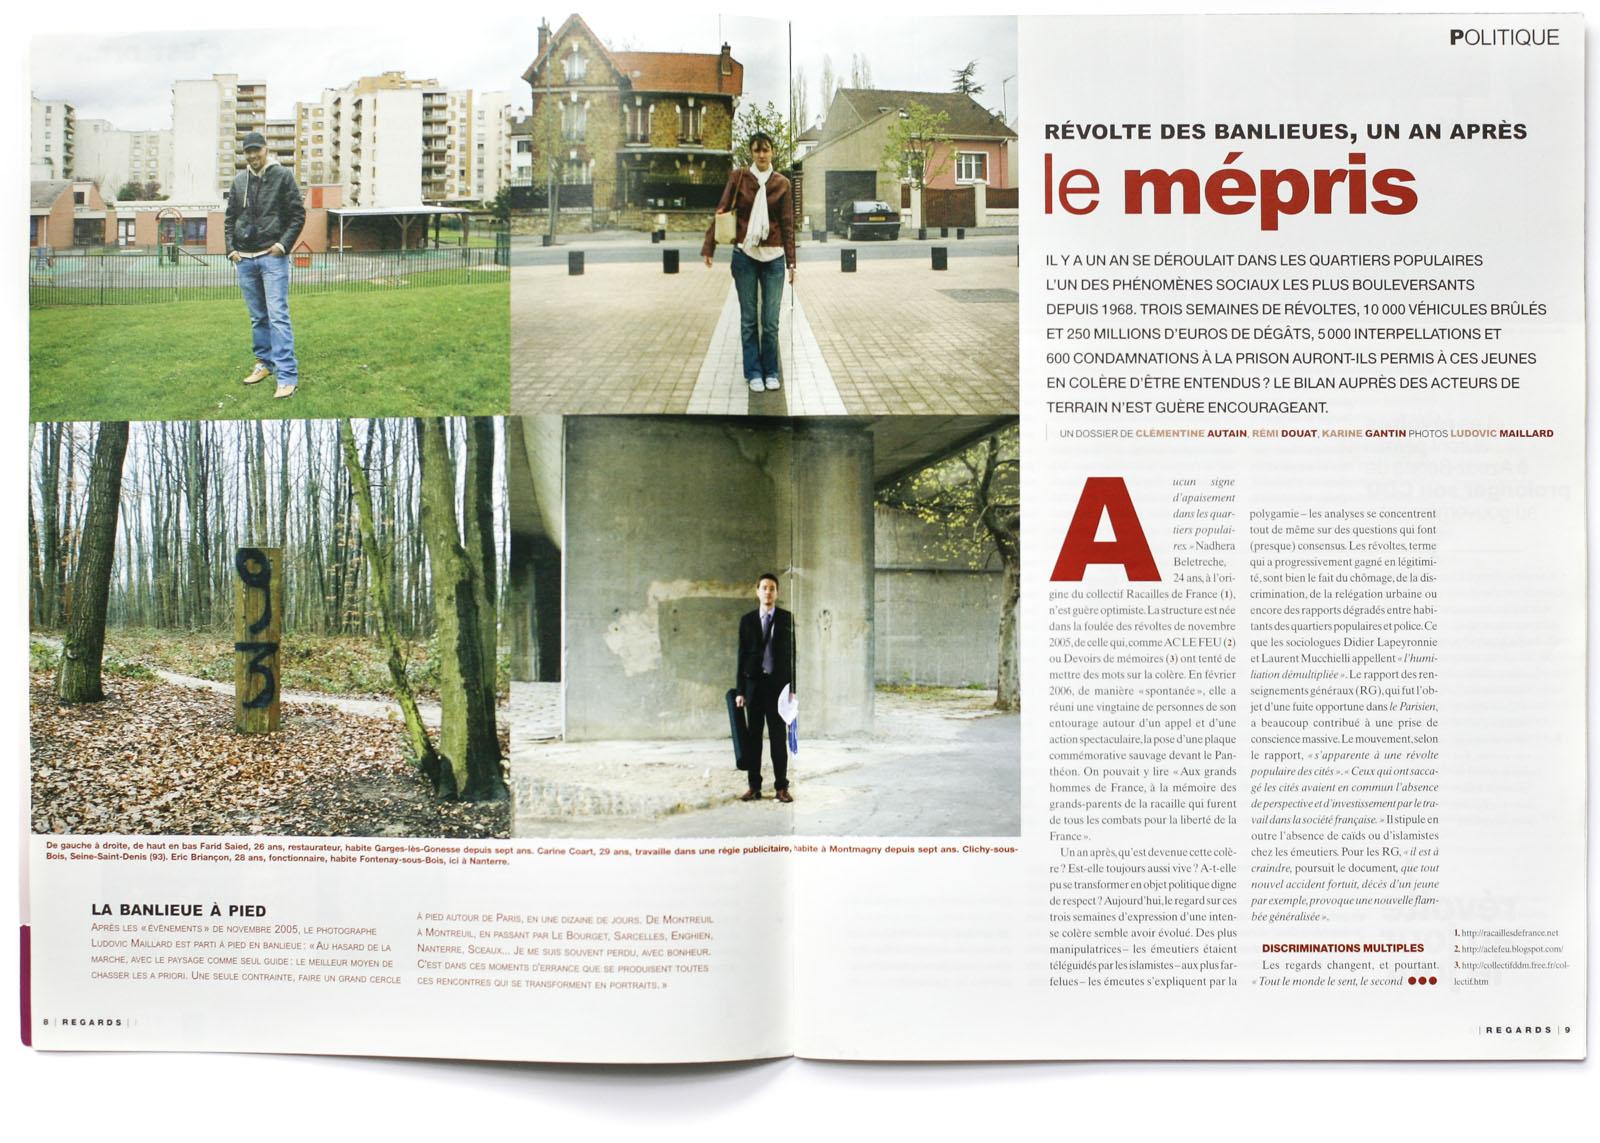 lm_20131001_160645_fr_paris_publication_